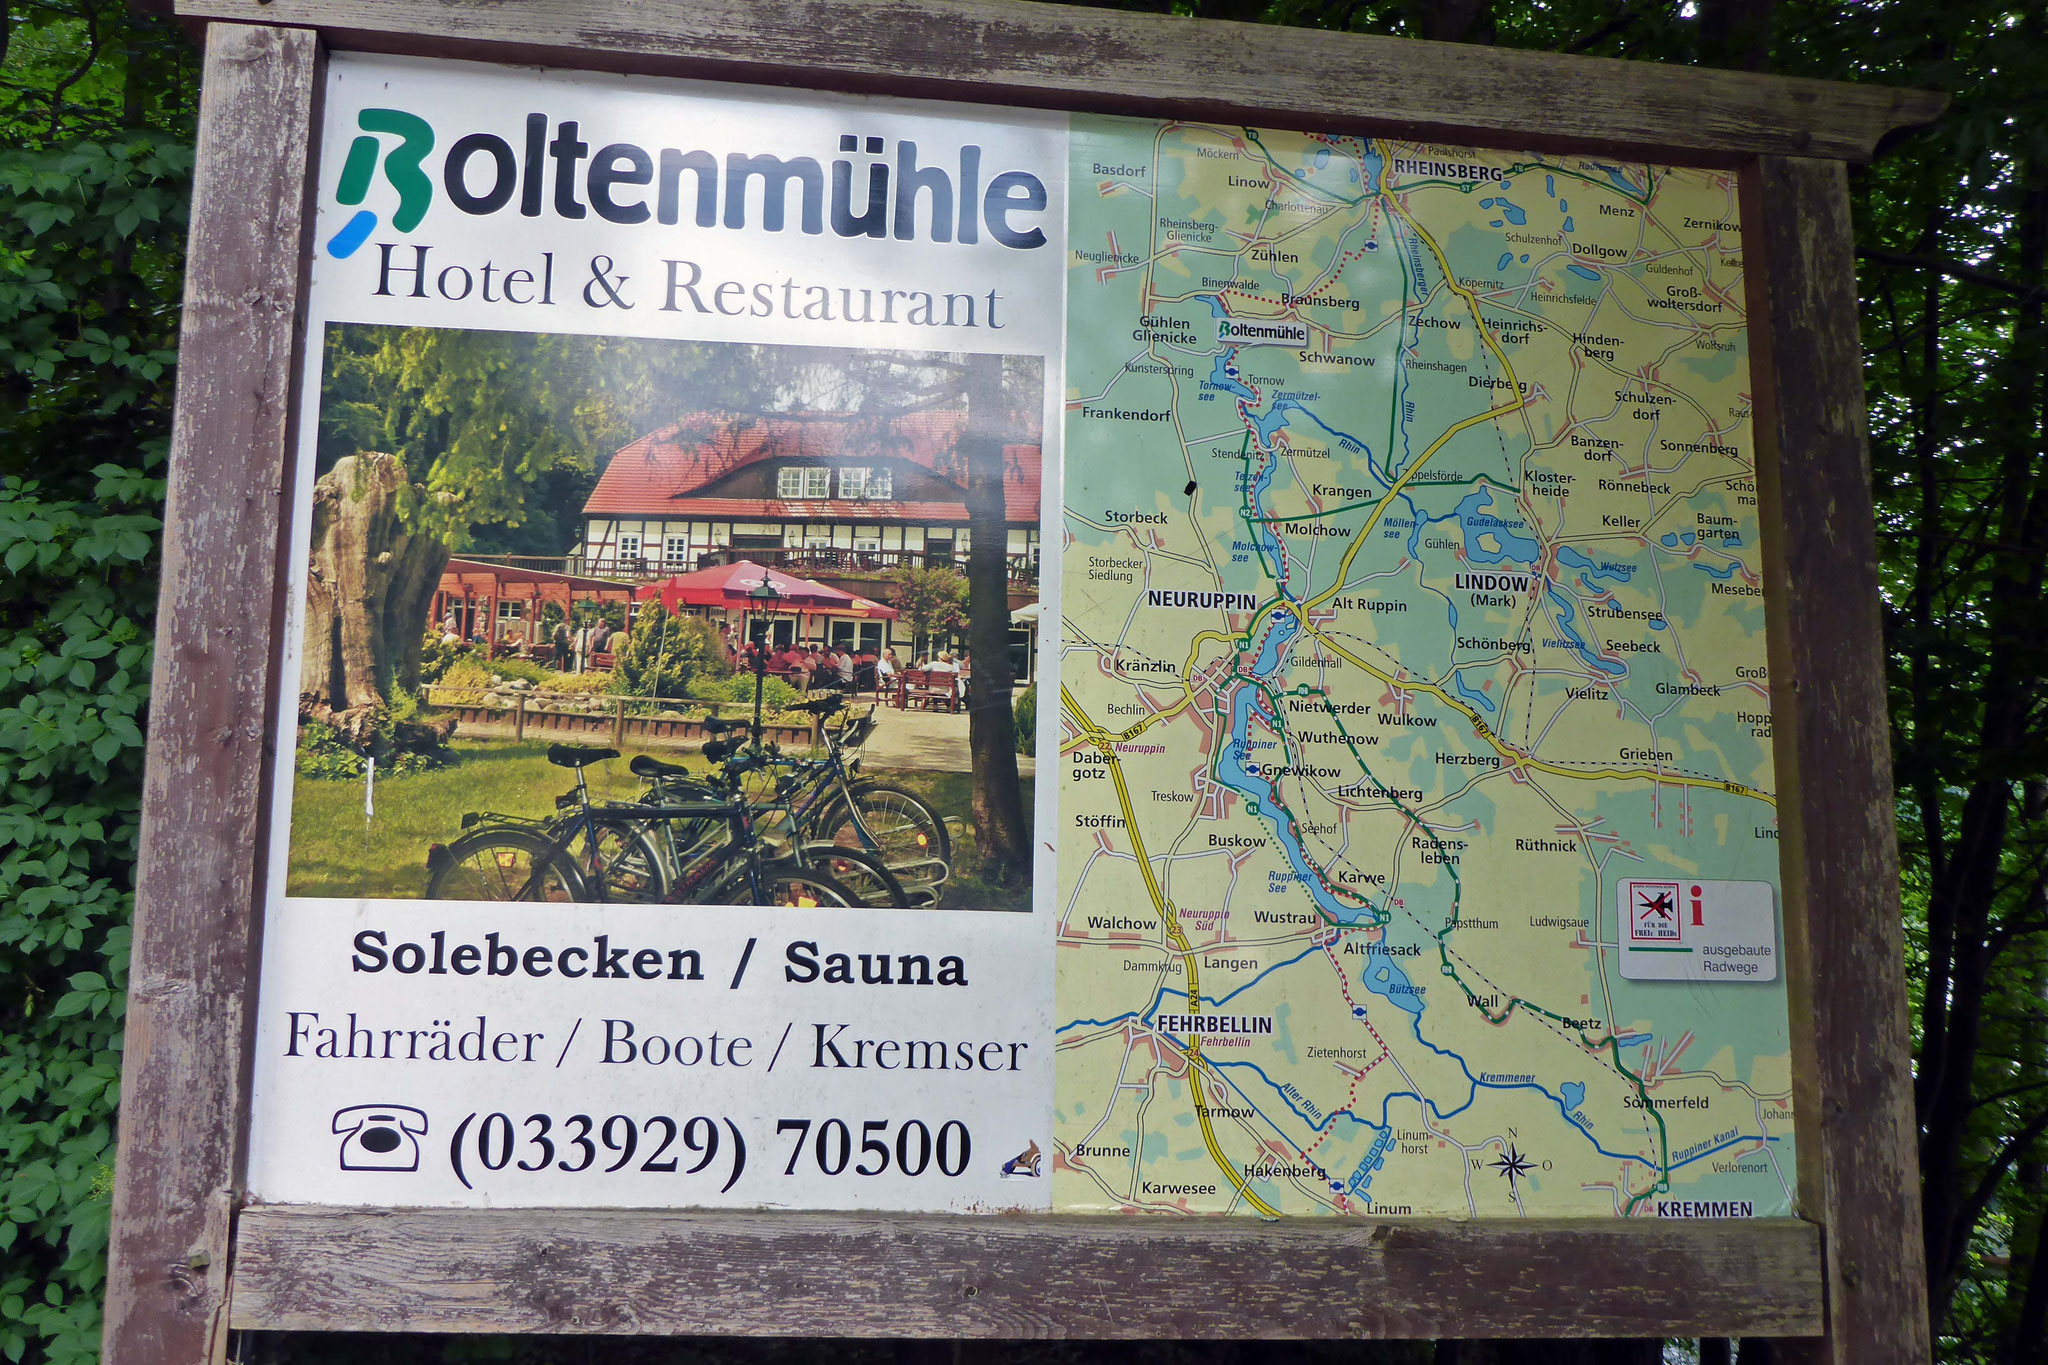 Ziel der Mittagspause ist die Boltenmühle.